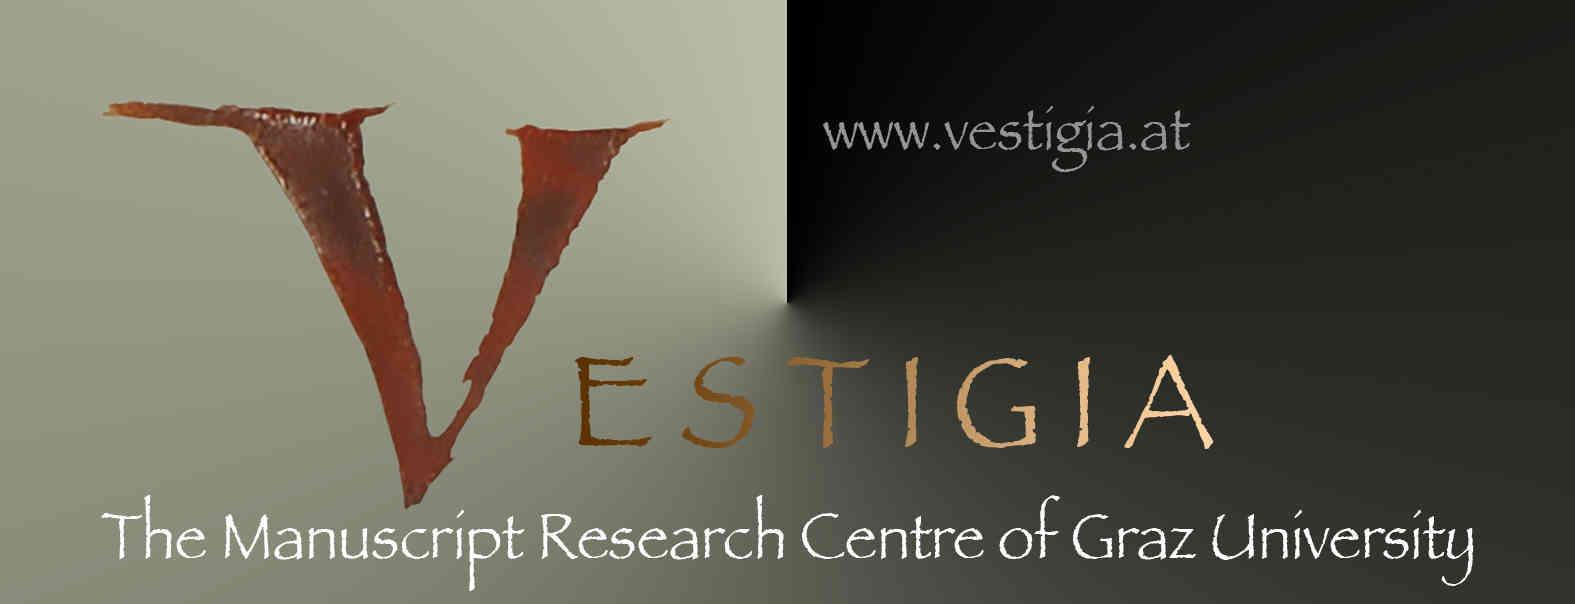 Vestigia institut za istraživanje rukopisa, Sveučilište u Grazu, Austrija